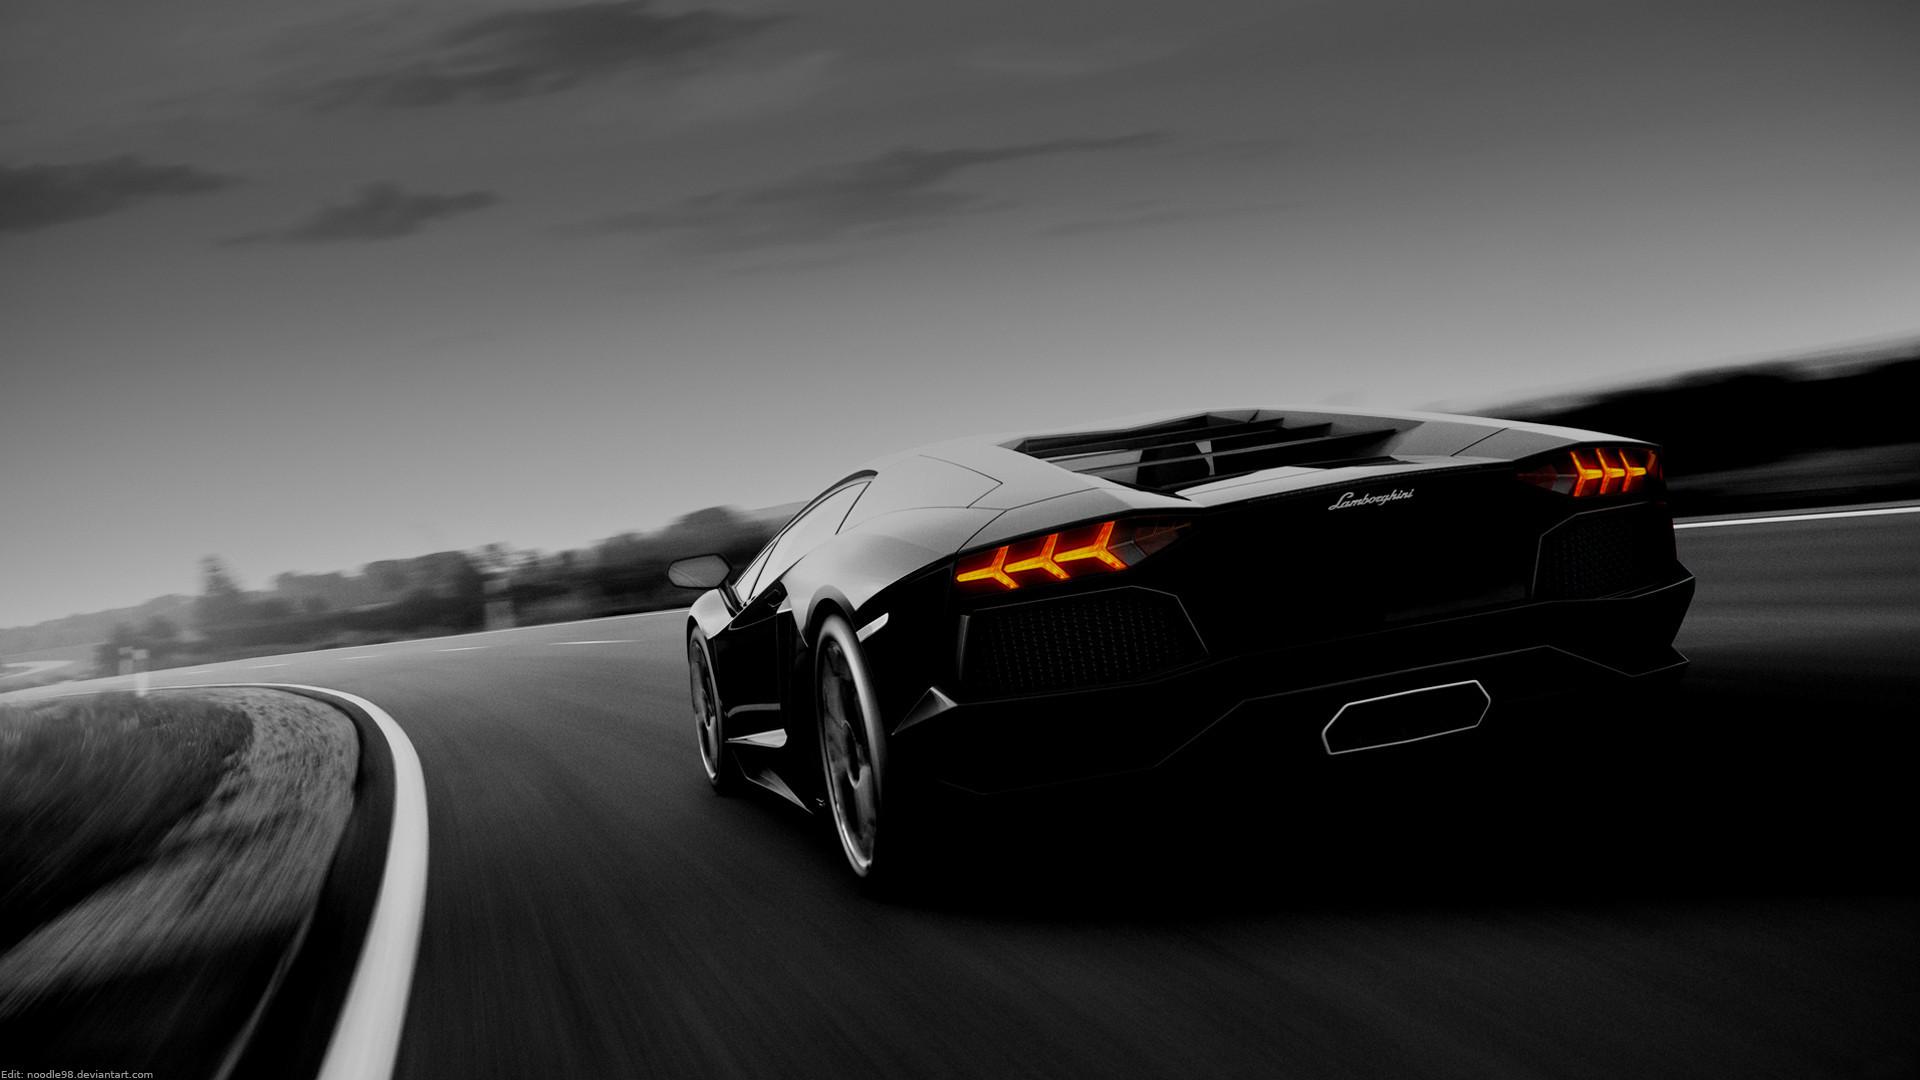 My favorite Lamborghini Aventador 1080p wallpapers